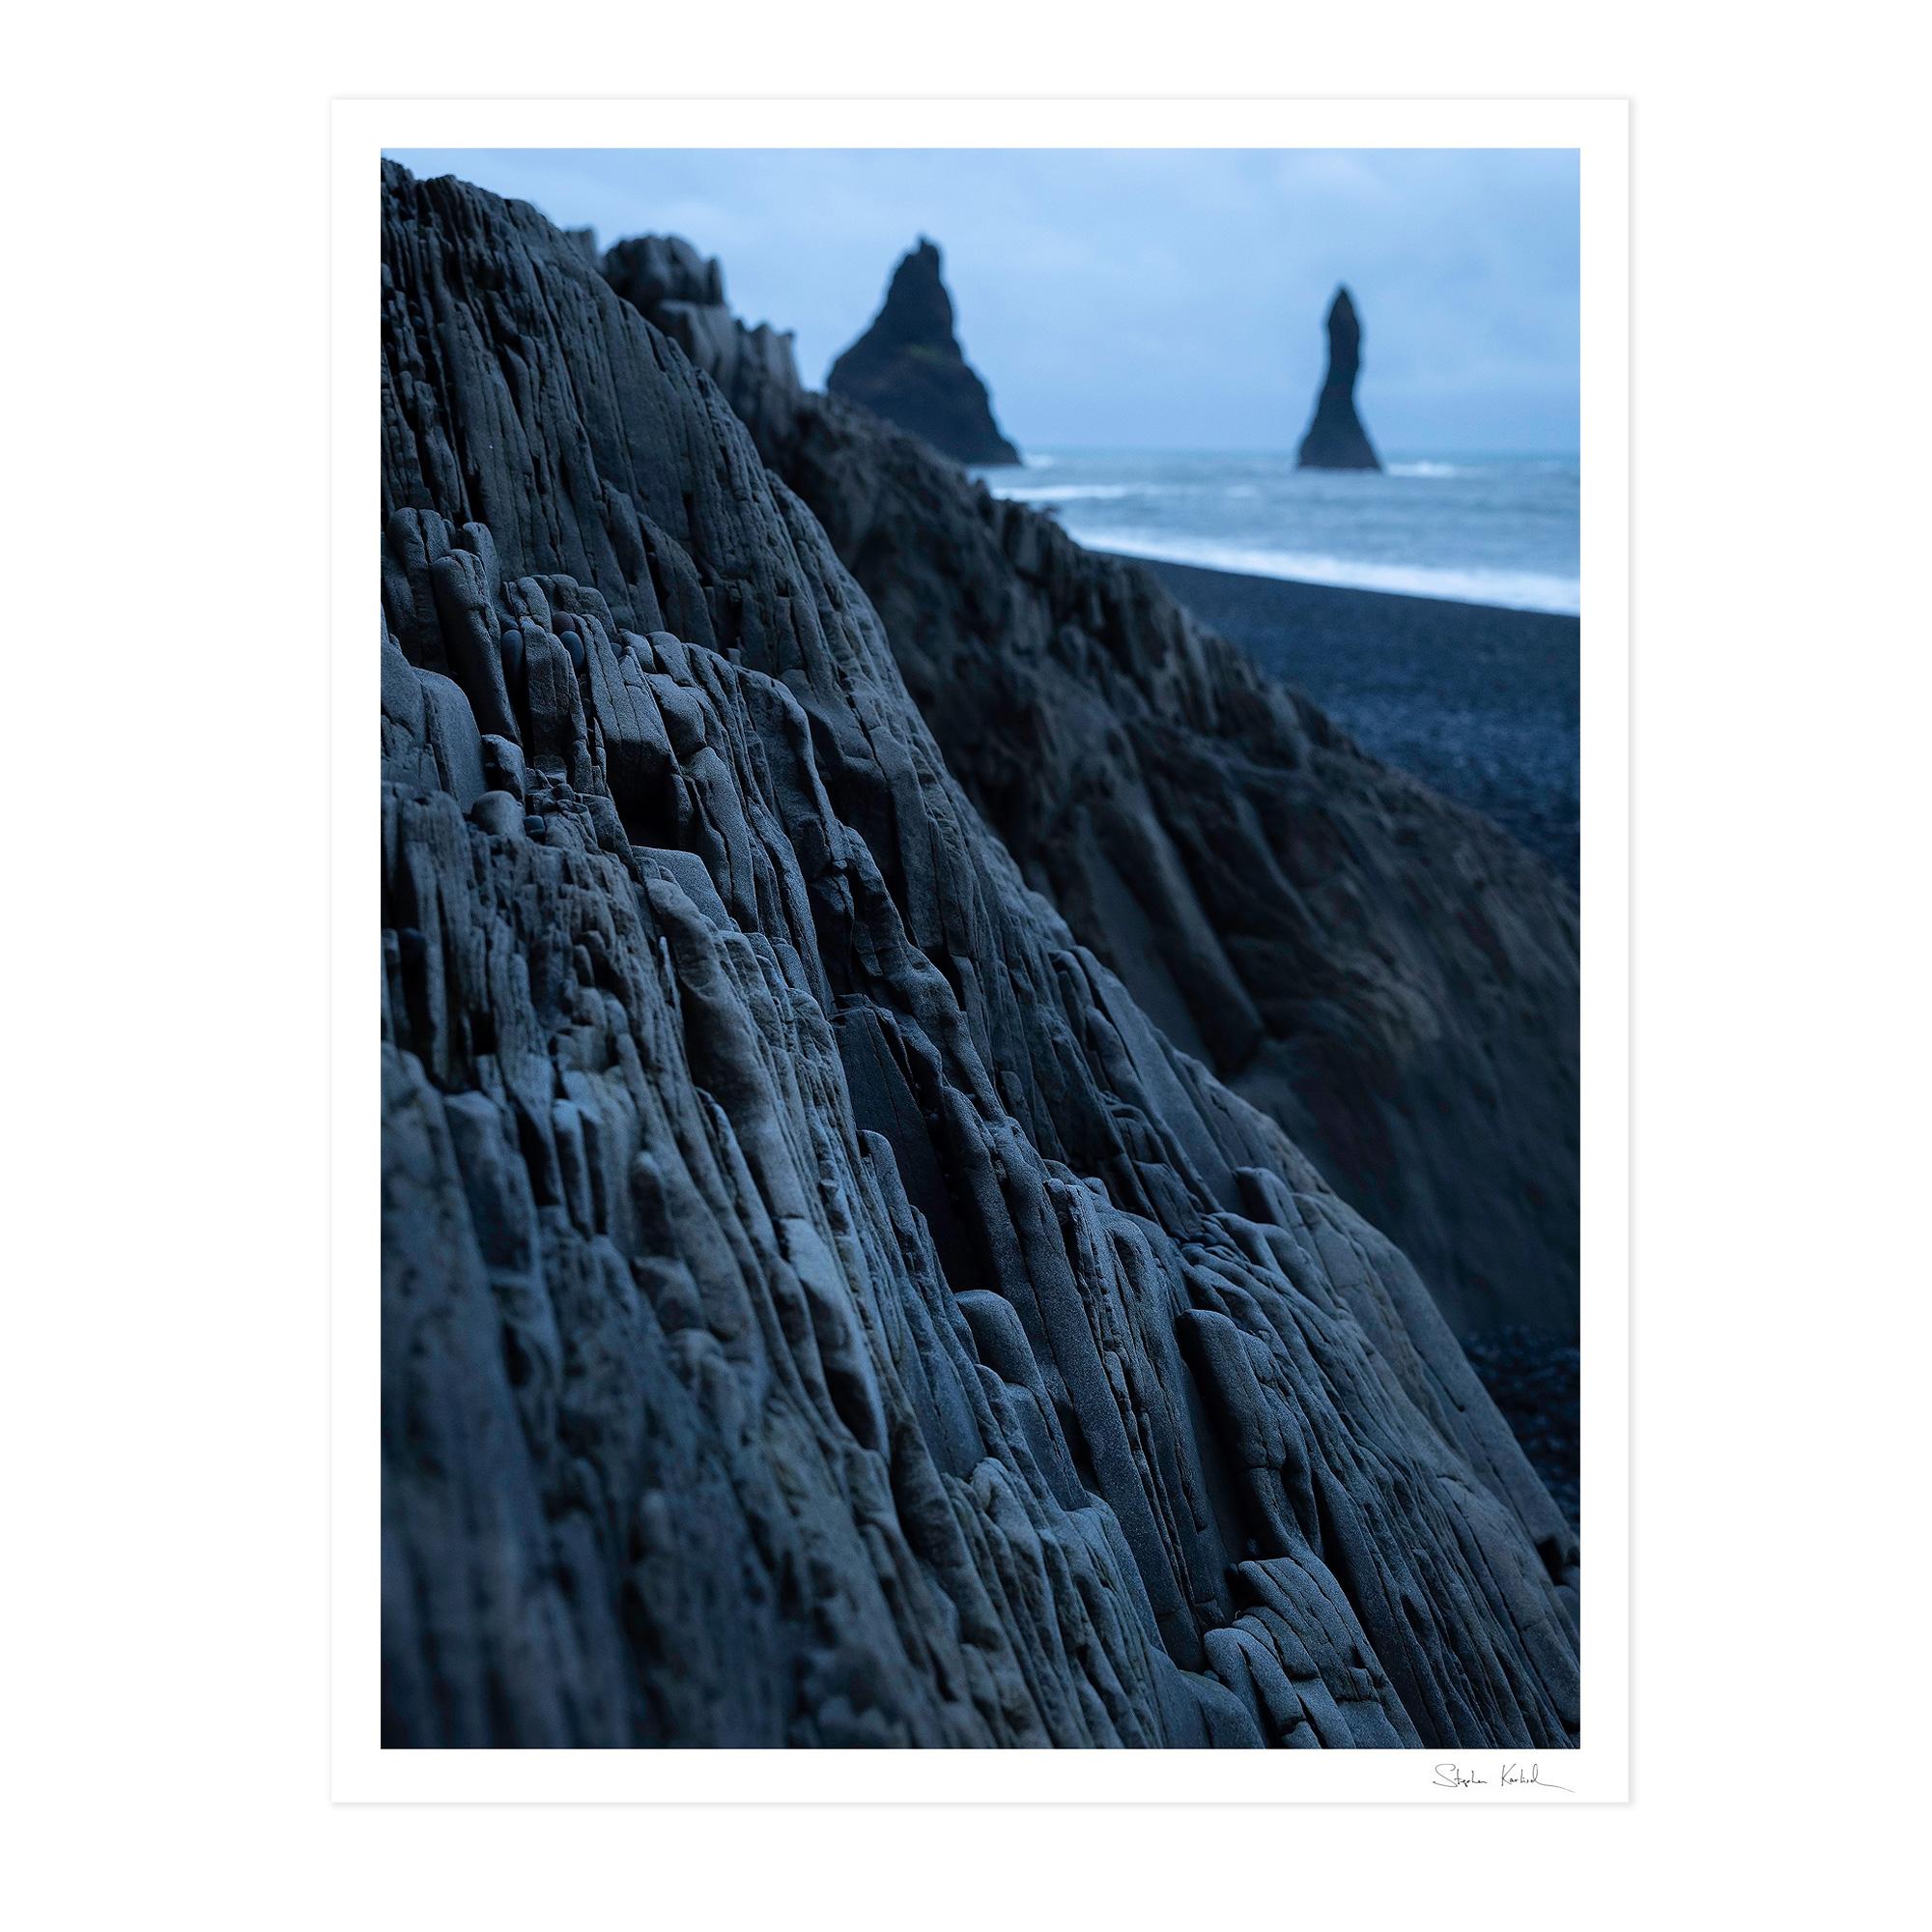 stephen_karlisch_icelandic_coast_nude.jpg